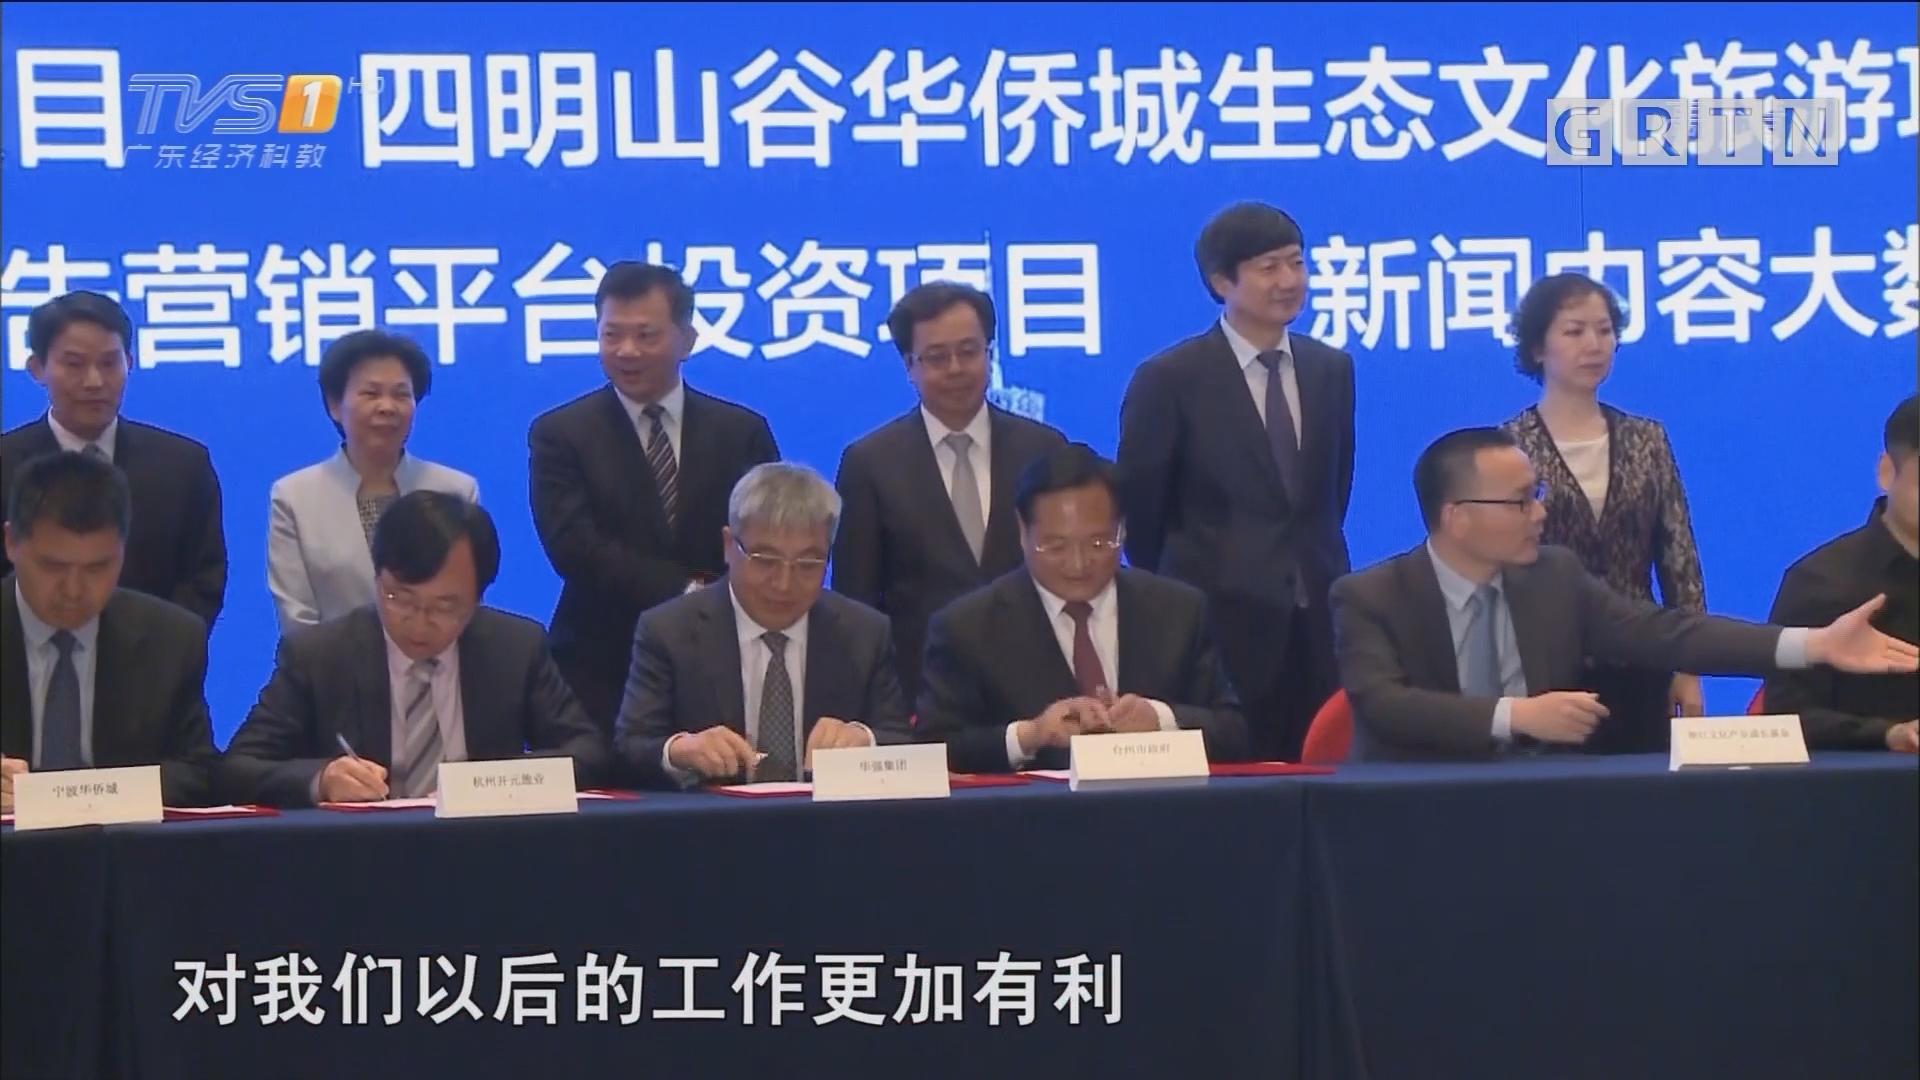 粤浙共推文化产业 240亿元合作项目签约